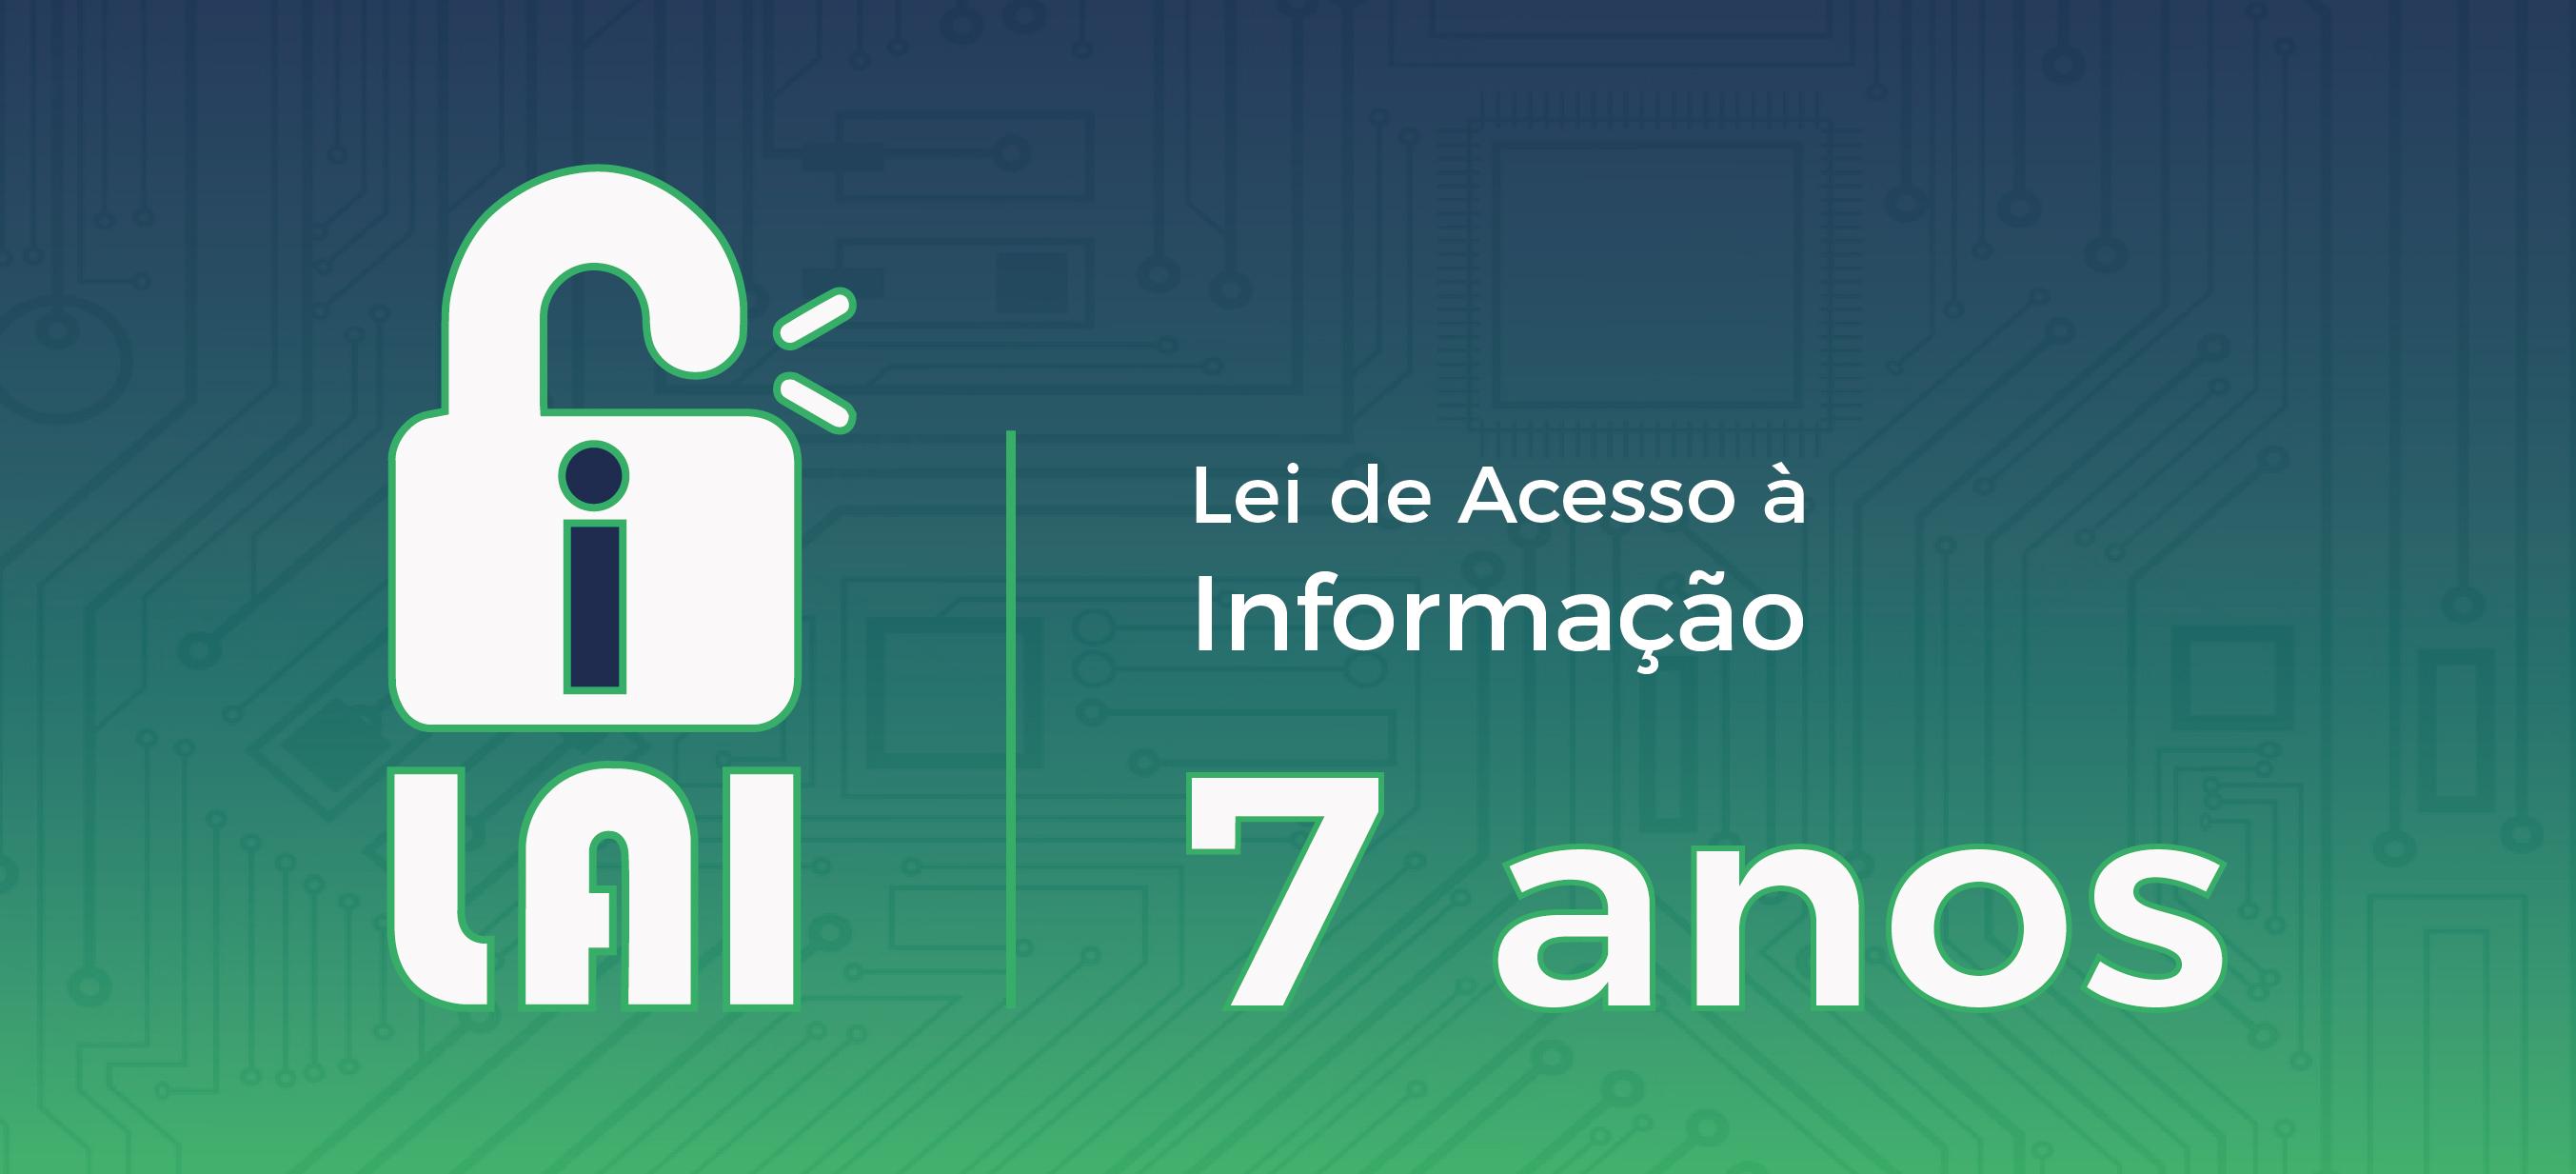 arte com fundo verde e ilustrações representando um placa de computador, traz a sigla LAI abaixo de um cadeado aberto. ao lado a transcrição da sigla Lei de Acesso à Informação - 7 anos